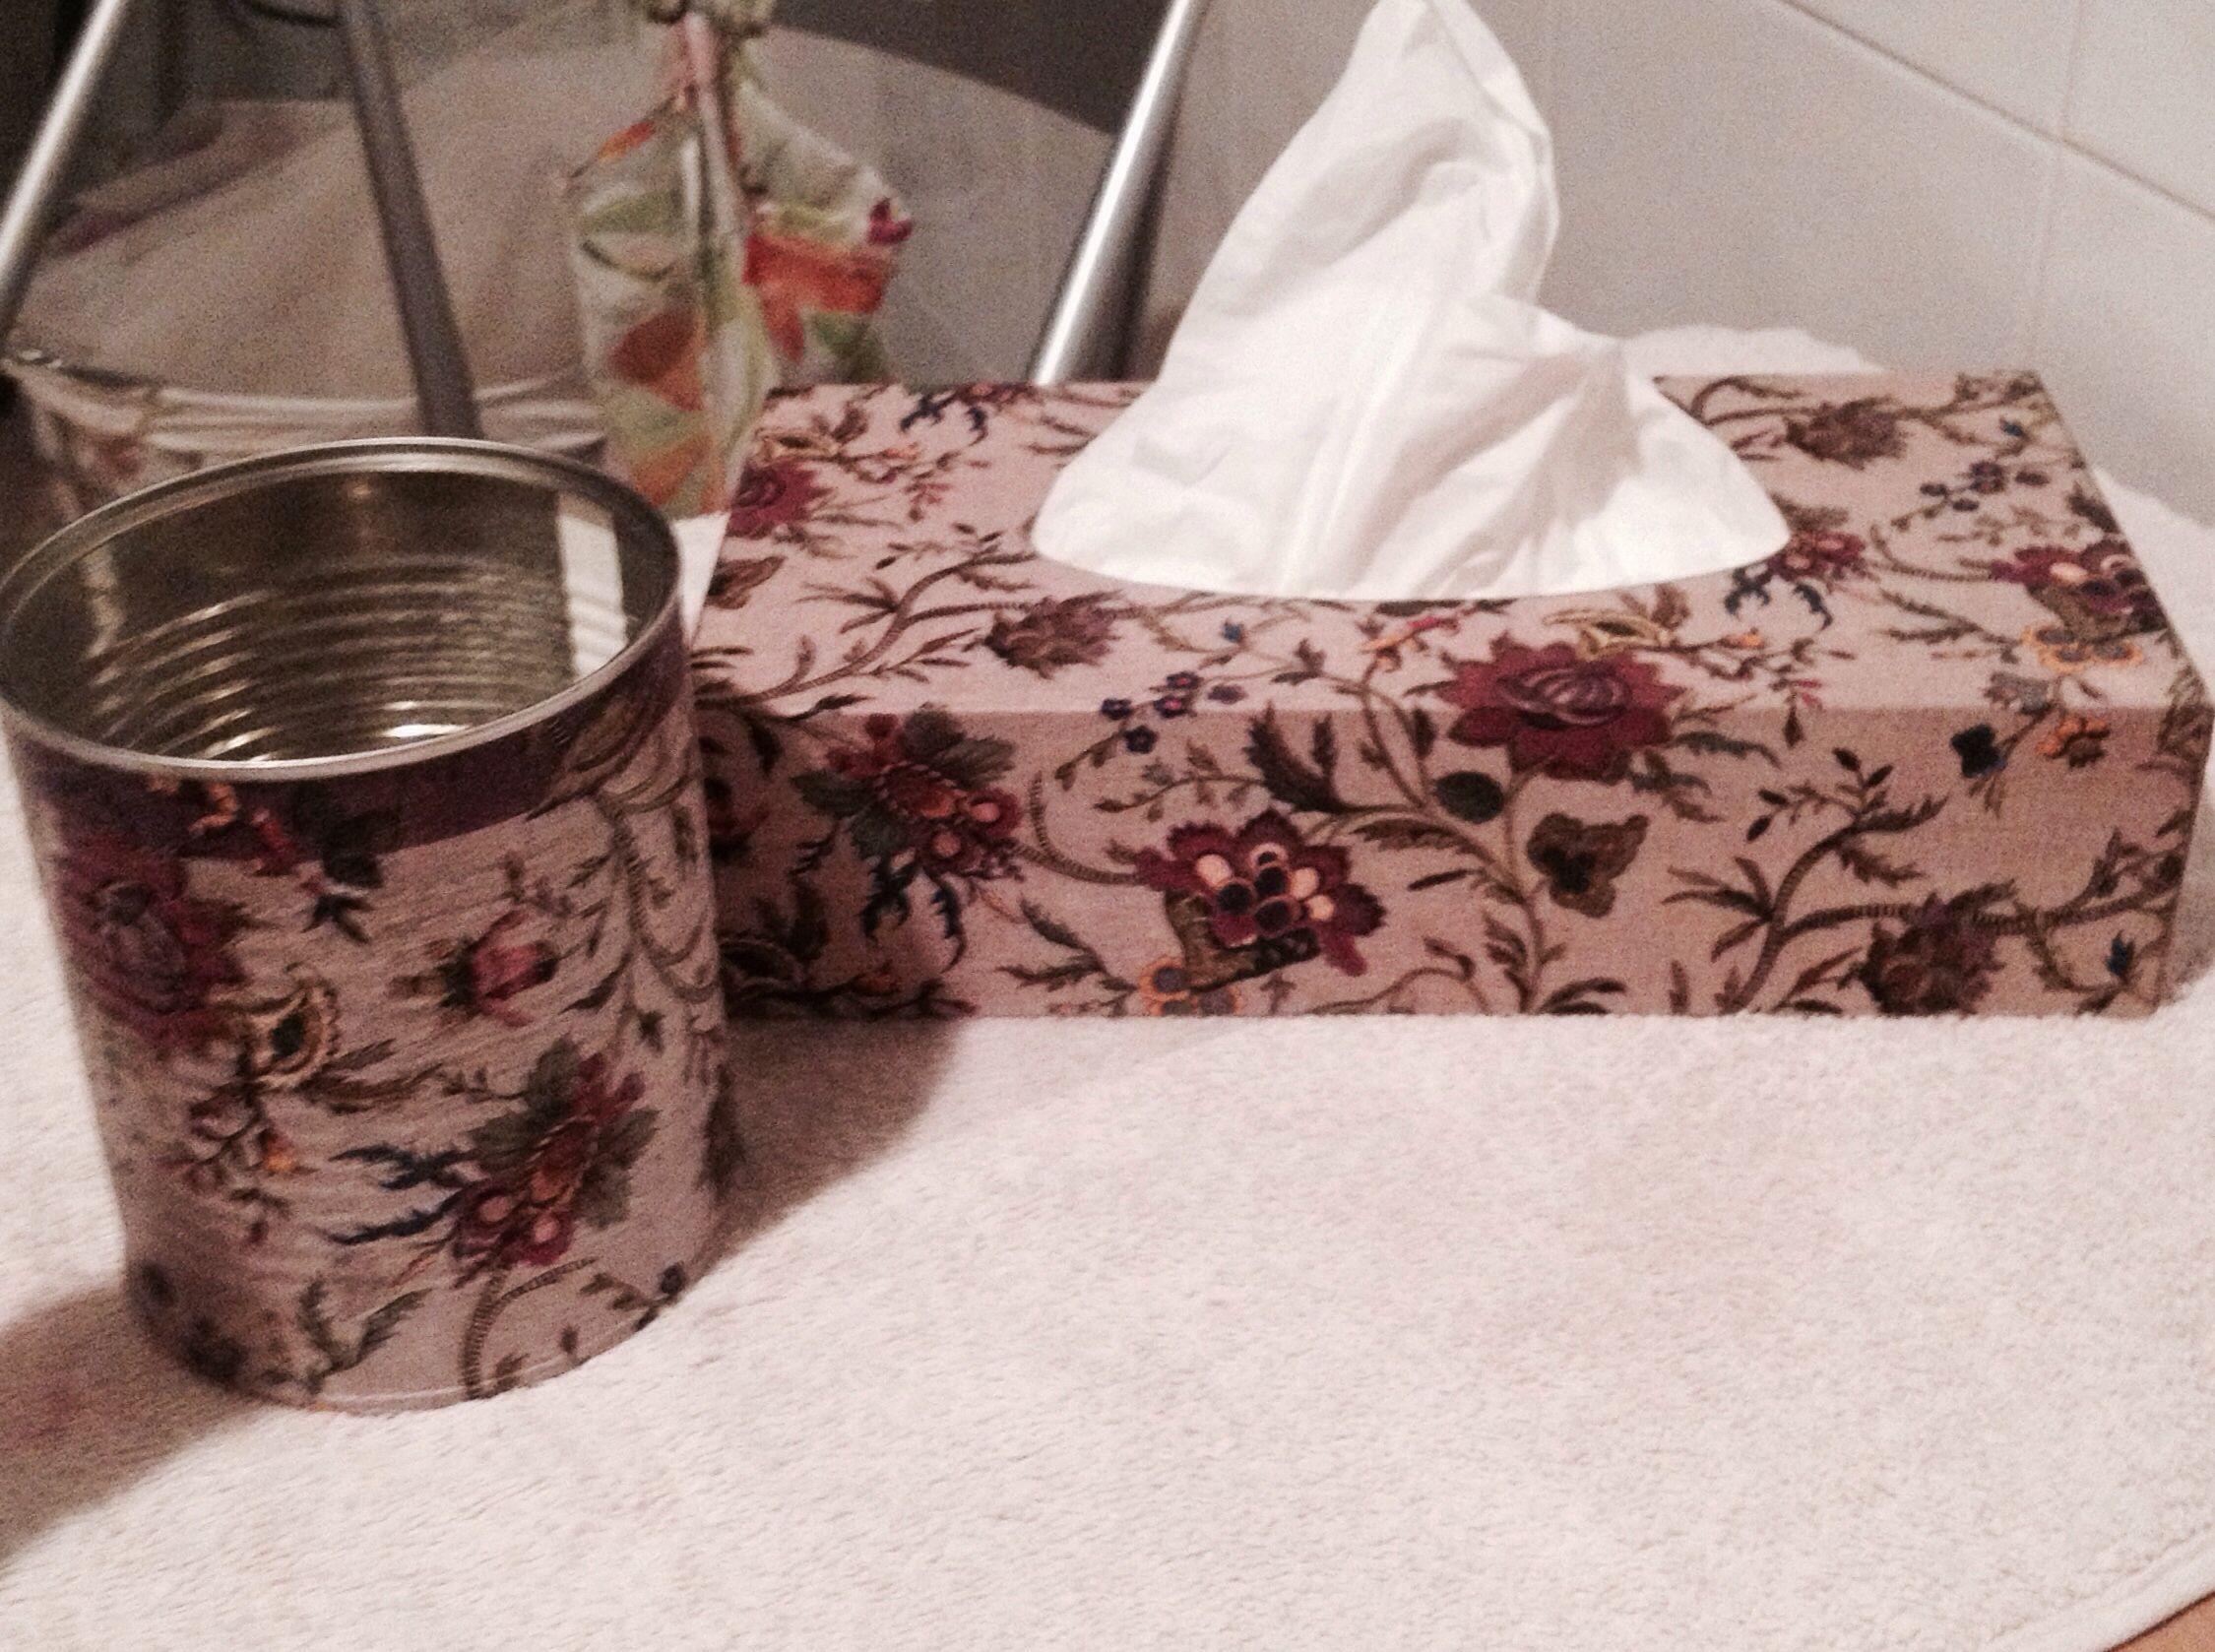 Caja de pañuelo y bote decopauge con servilletas